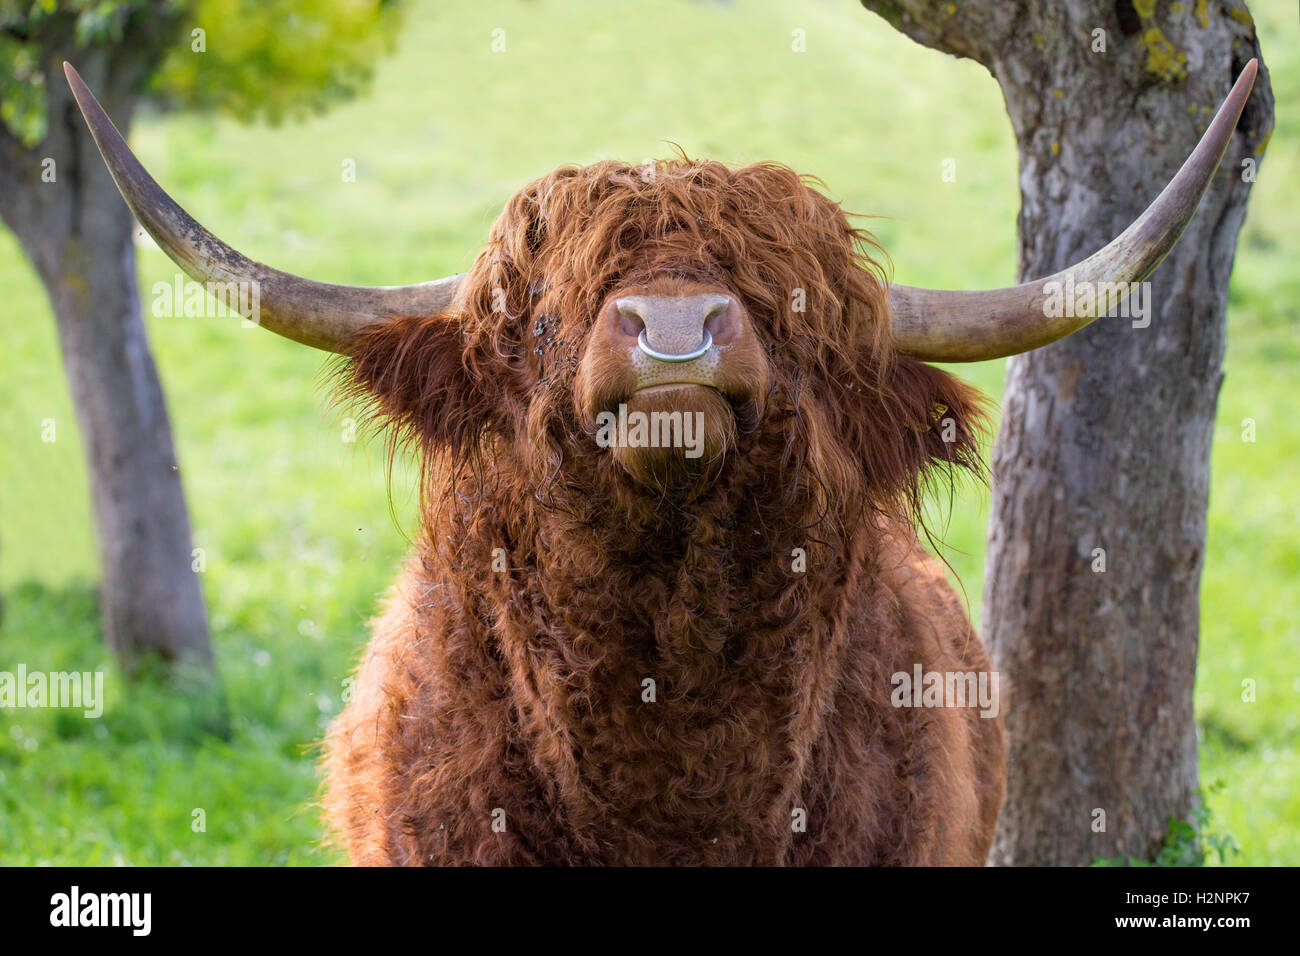 Primo piano di foglie di bovini highland bull con ferro naso anello. Immagini Stock